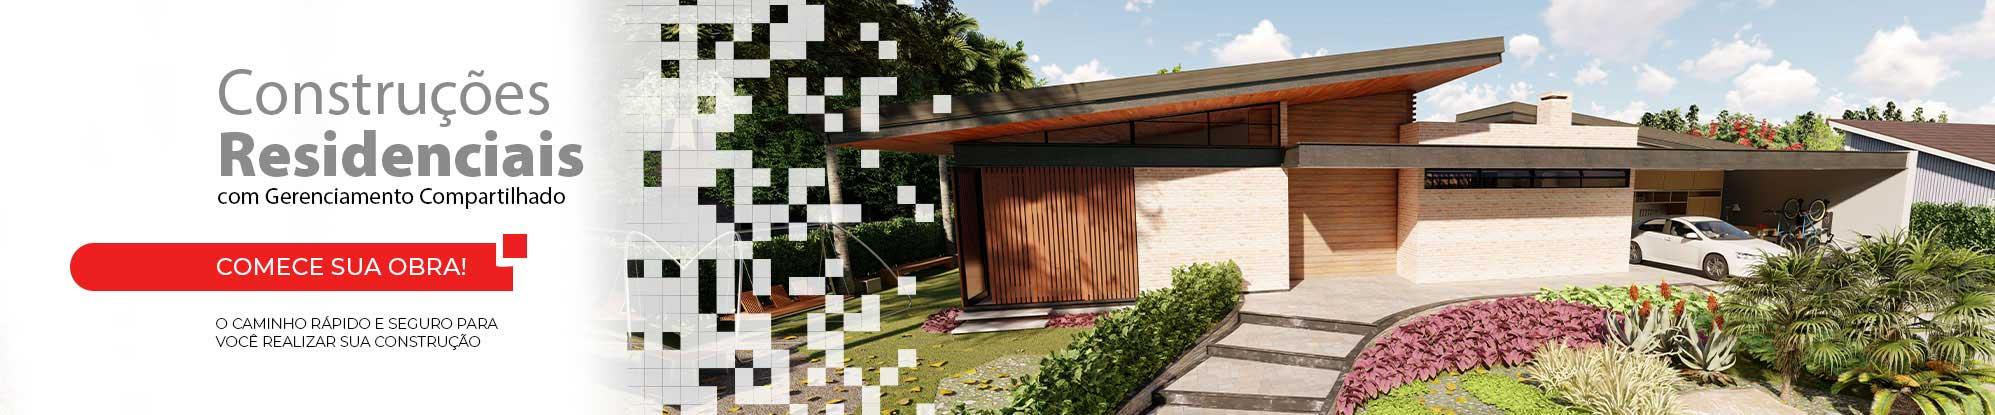 Construções e Reformas - MG Romero